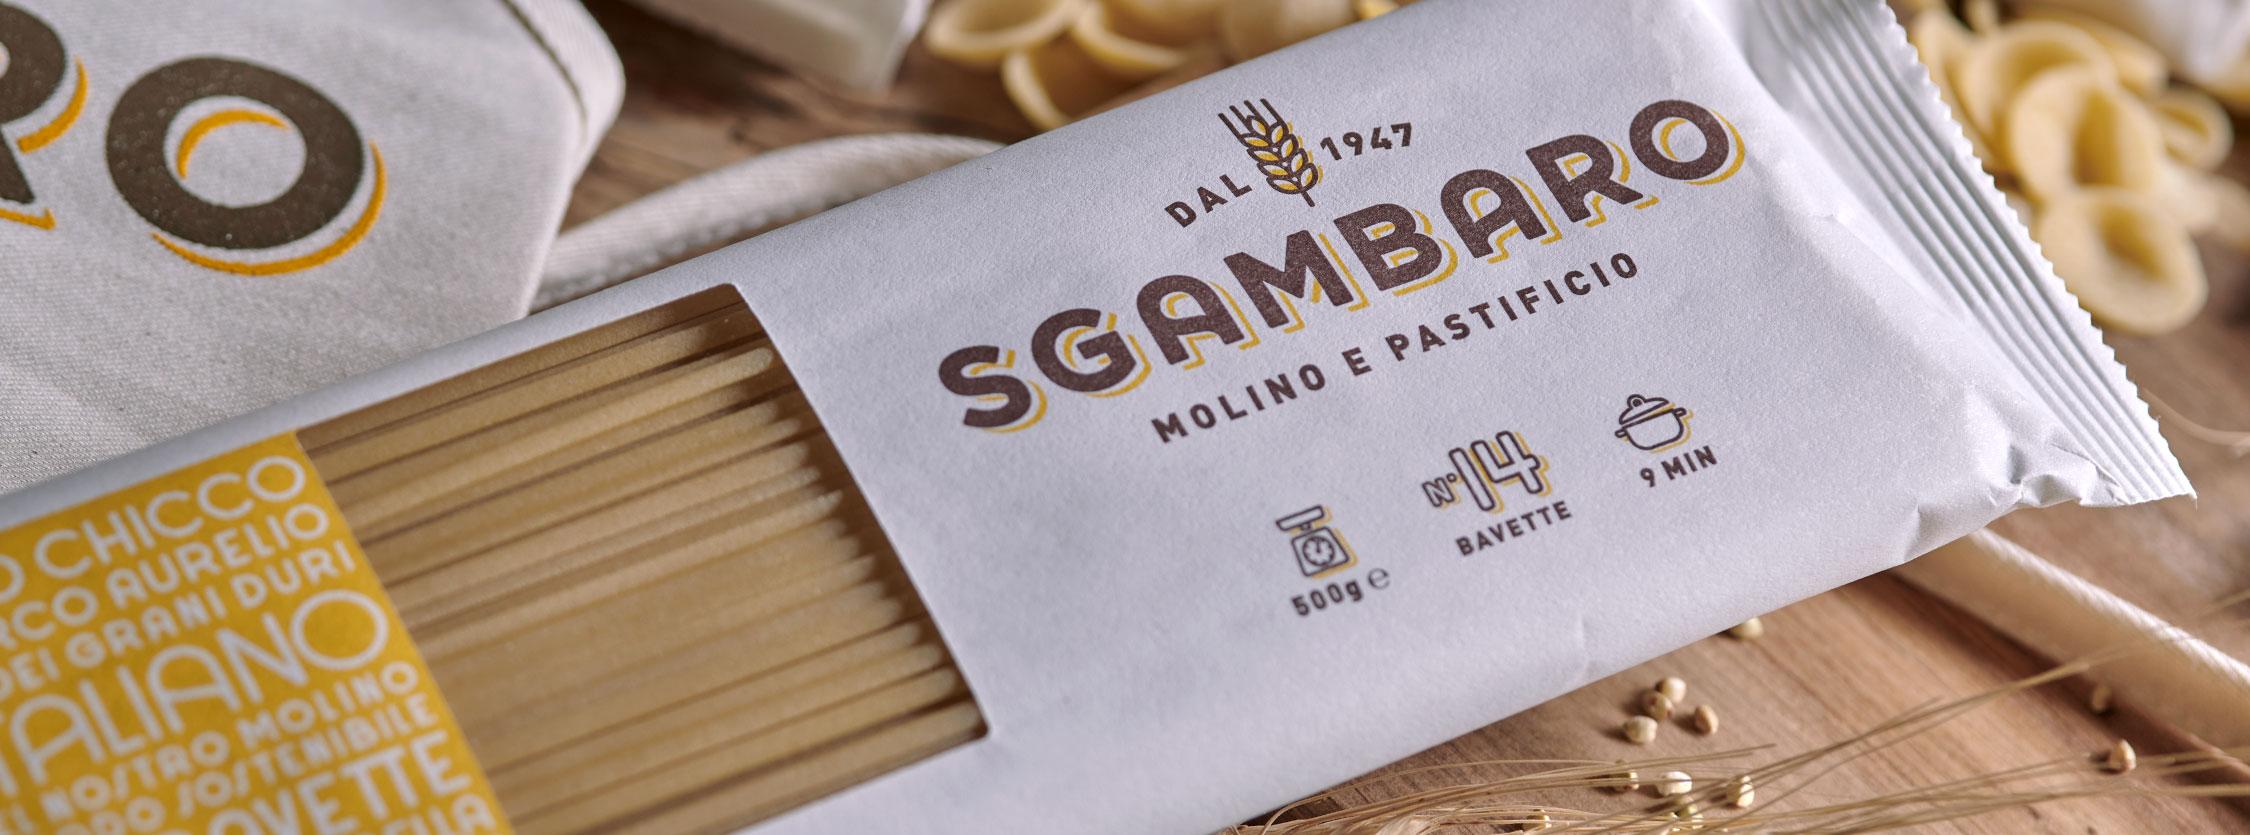 confezione di spaghetti Sgambaro